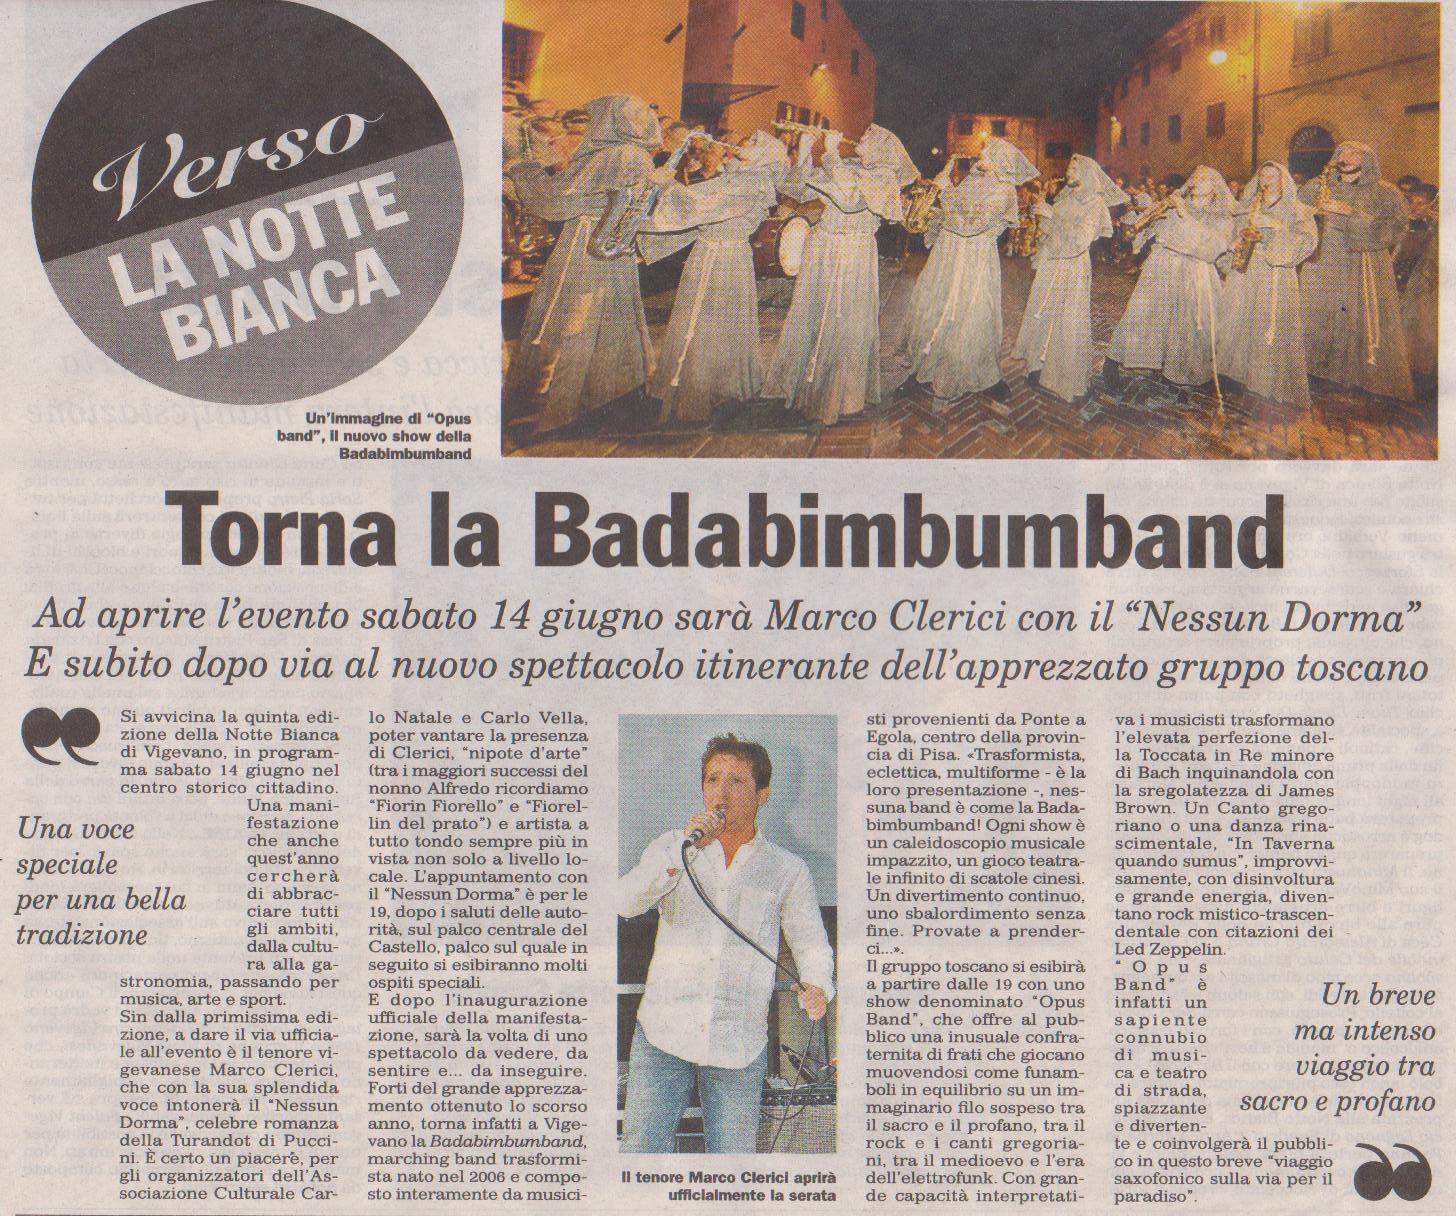 Marco Clerici aprirà e presenterà la Notte Bianca di Vigevano 2014